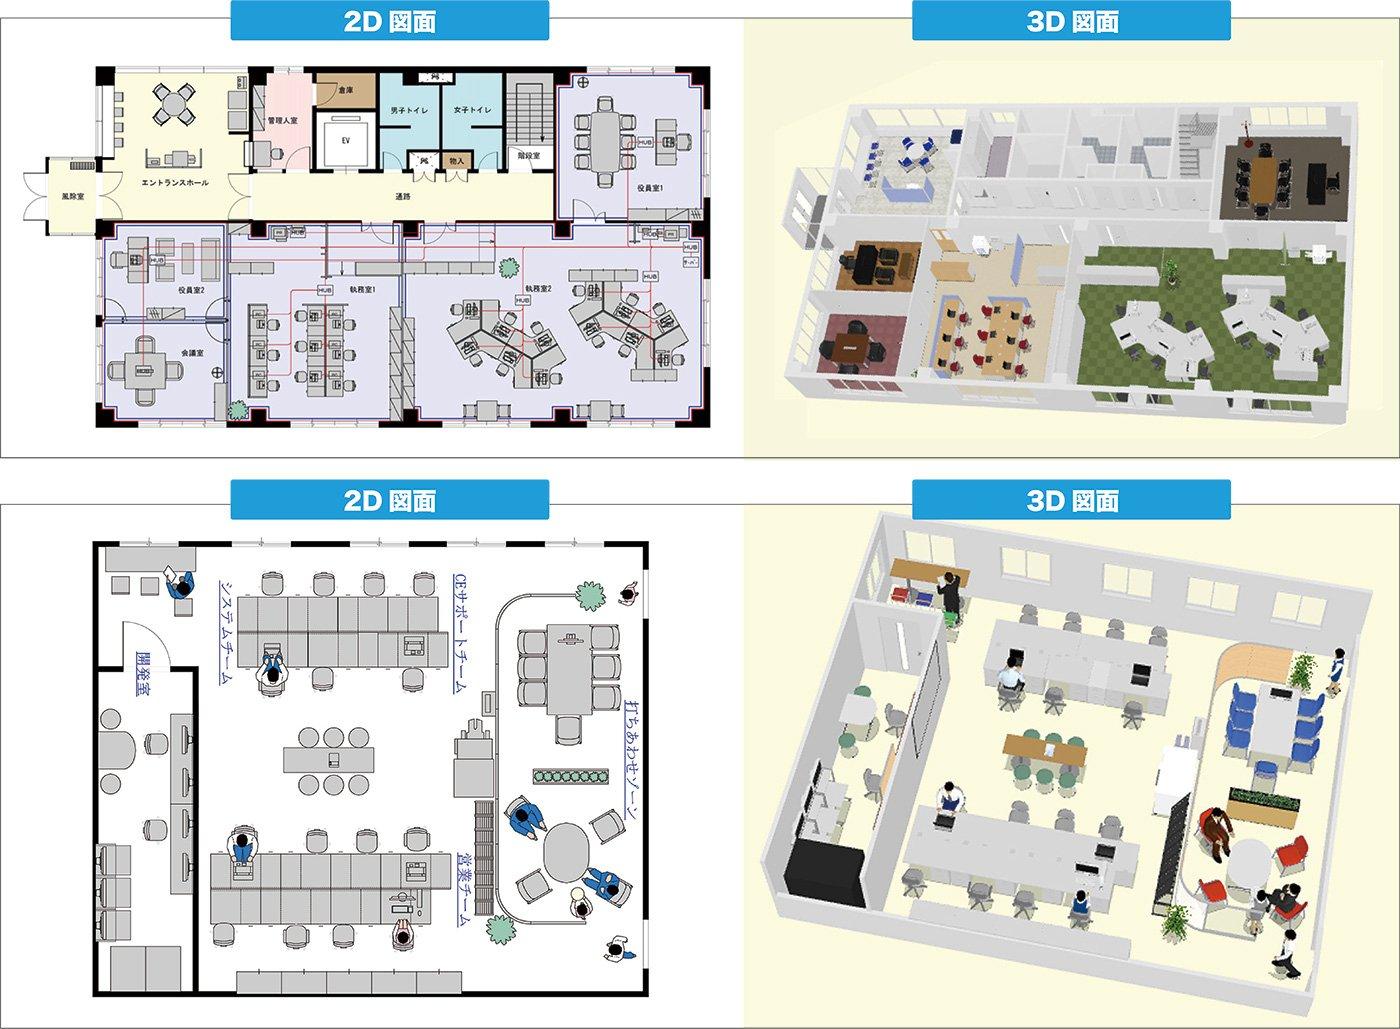 オフィスレイアウト(2D&3D)